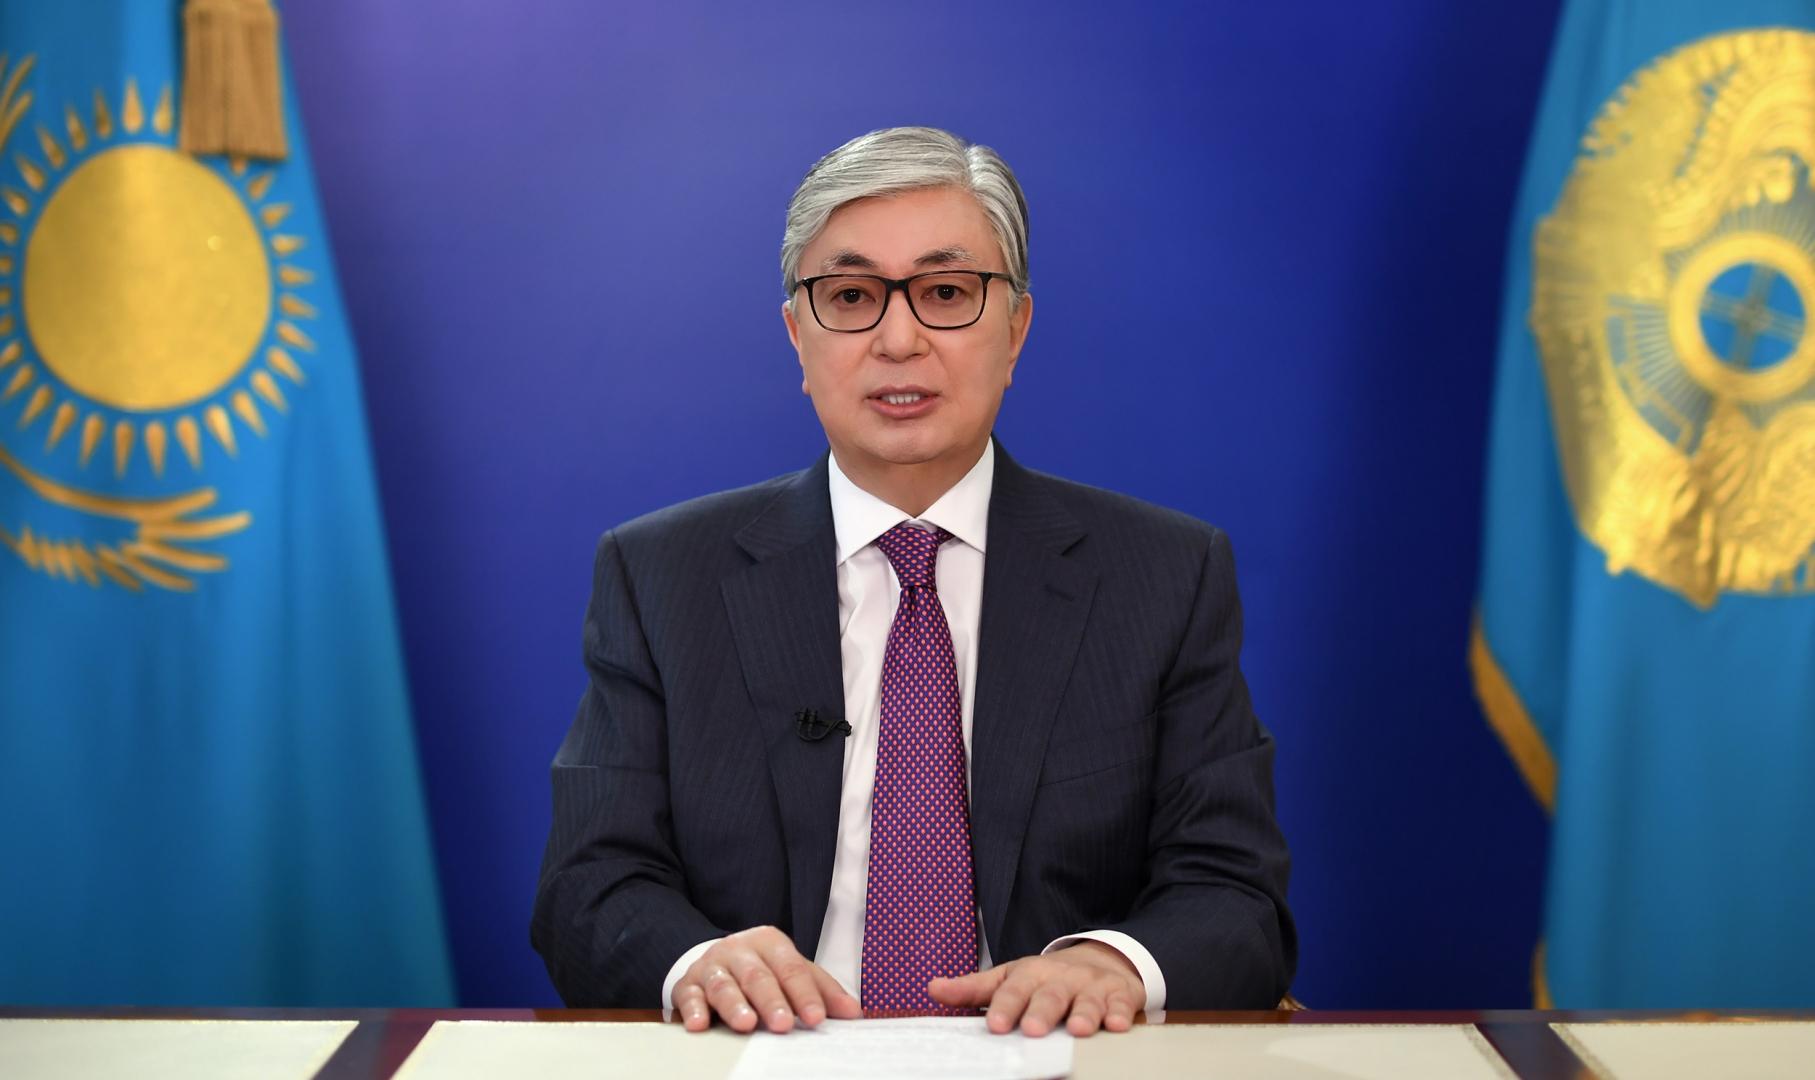 Что спасет Казахстан от «бегства» мозгов и капитала?